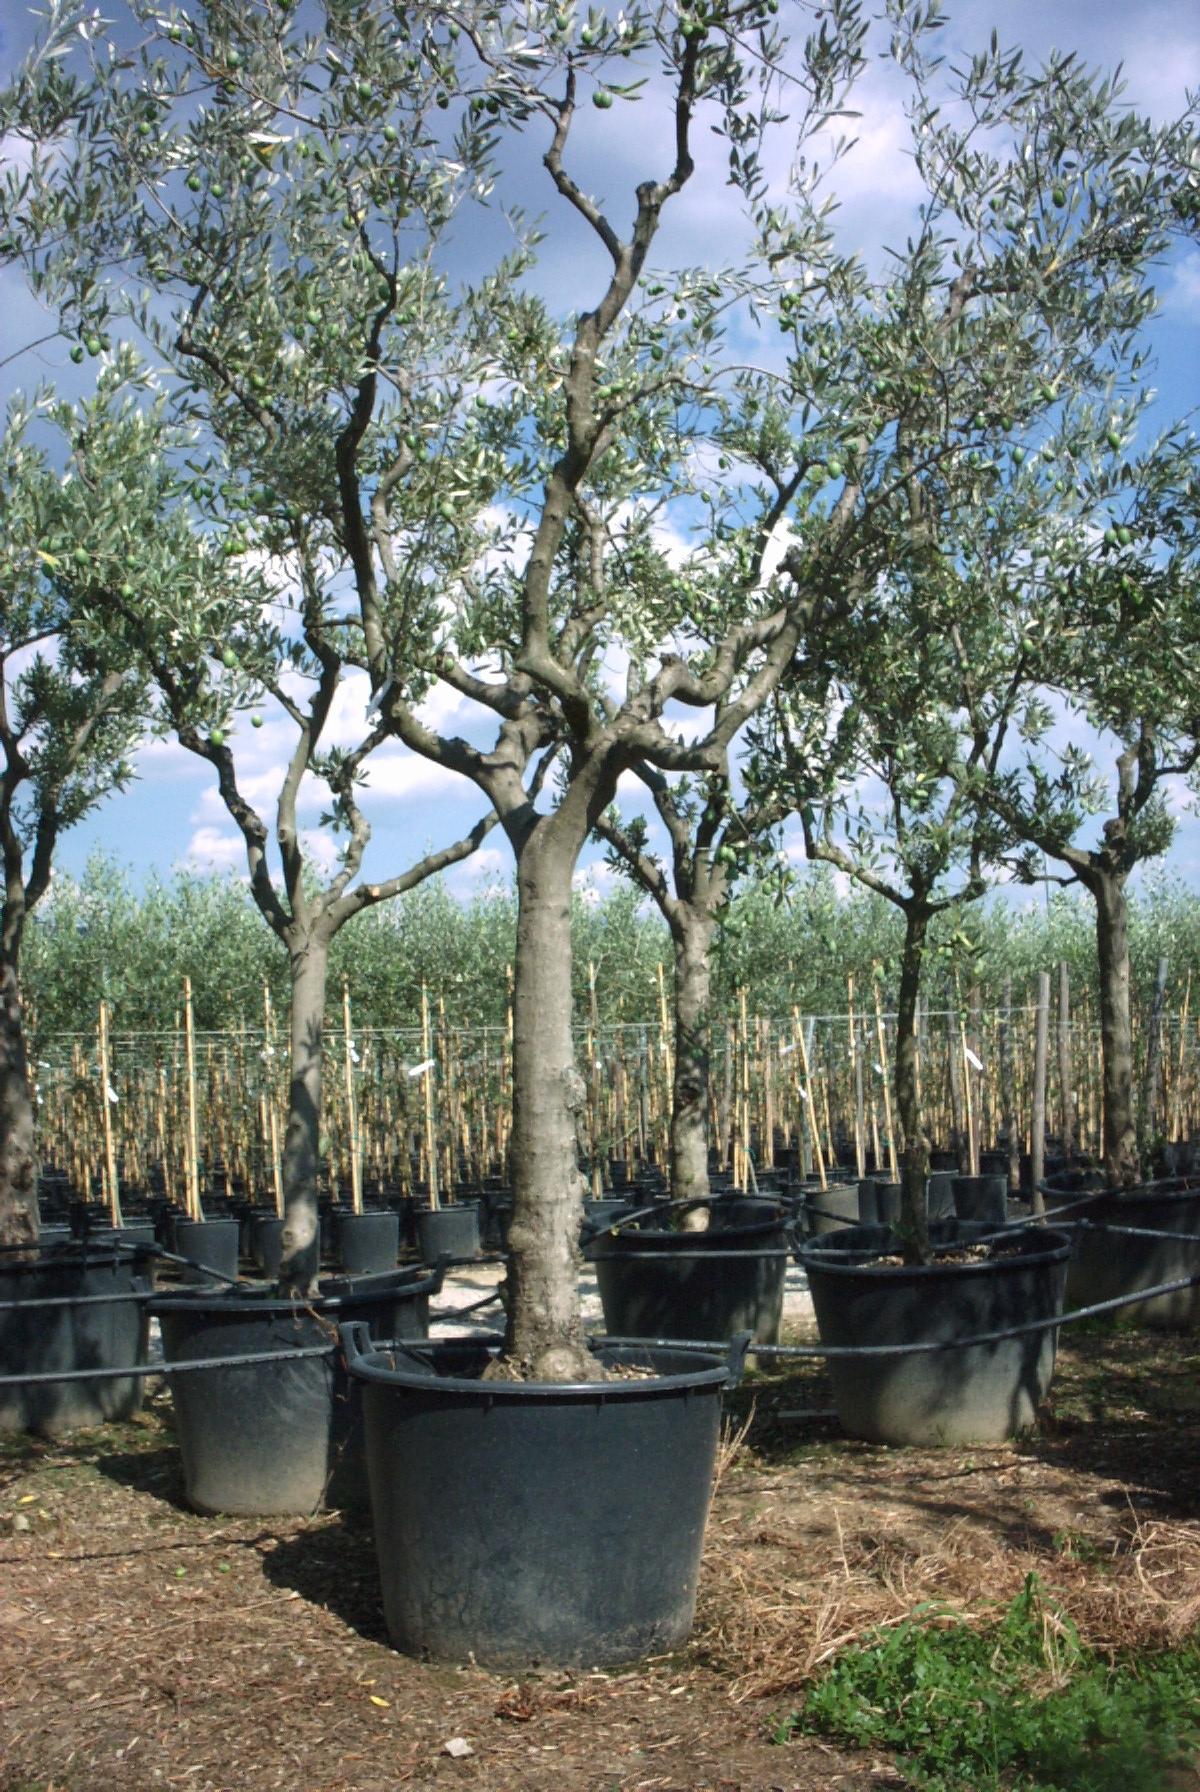 Vendita piante olivo certificato di 10 anni for Vendita piante olivi